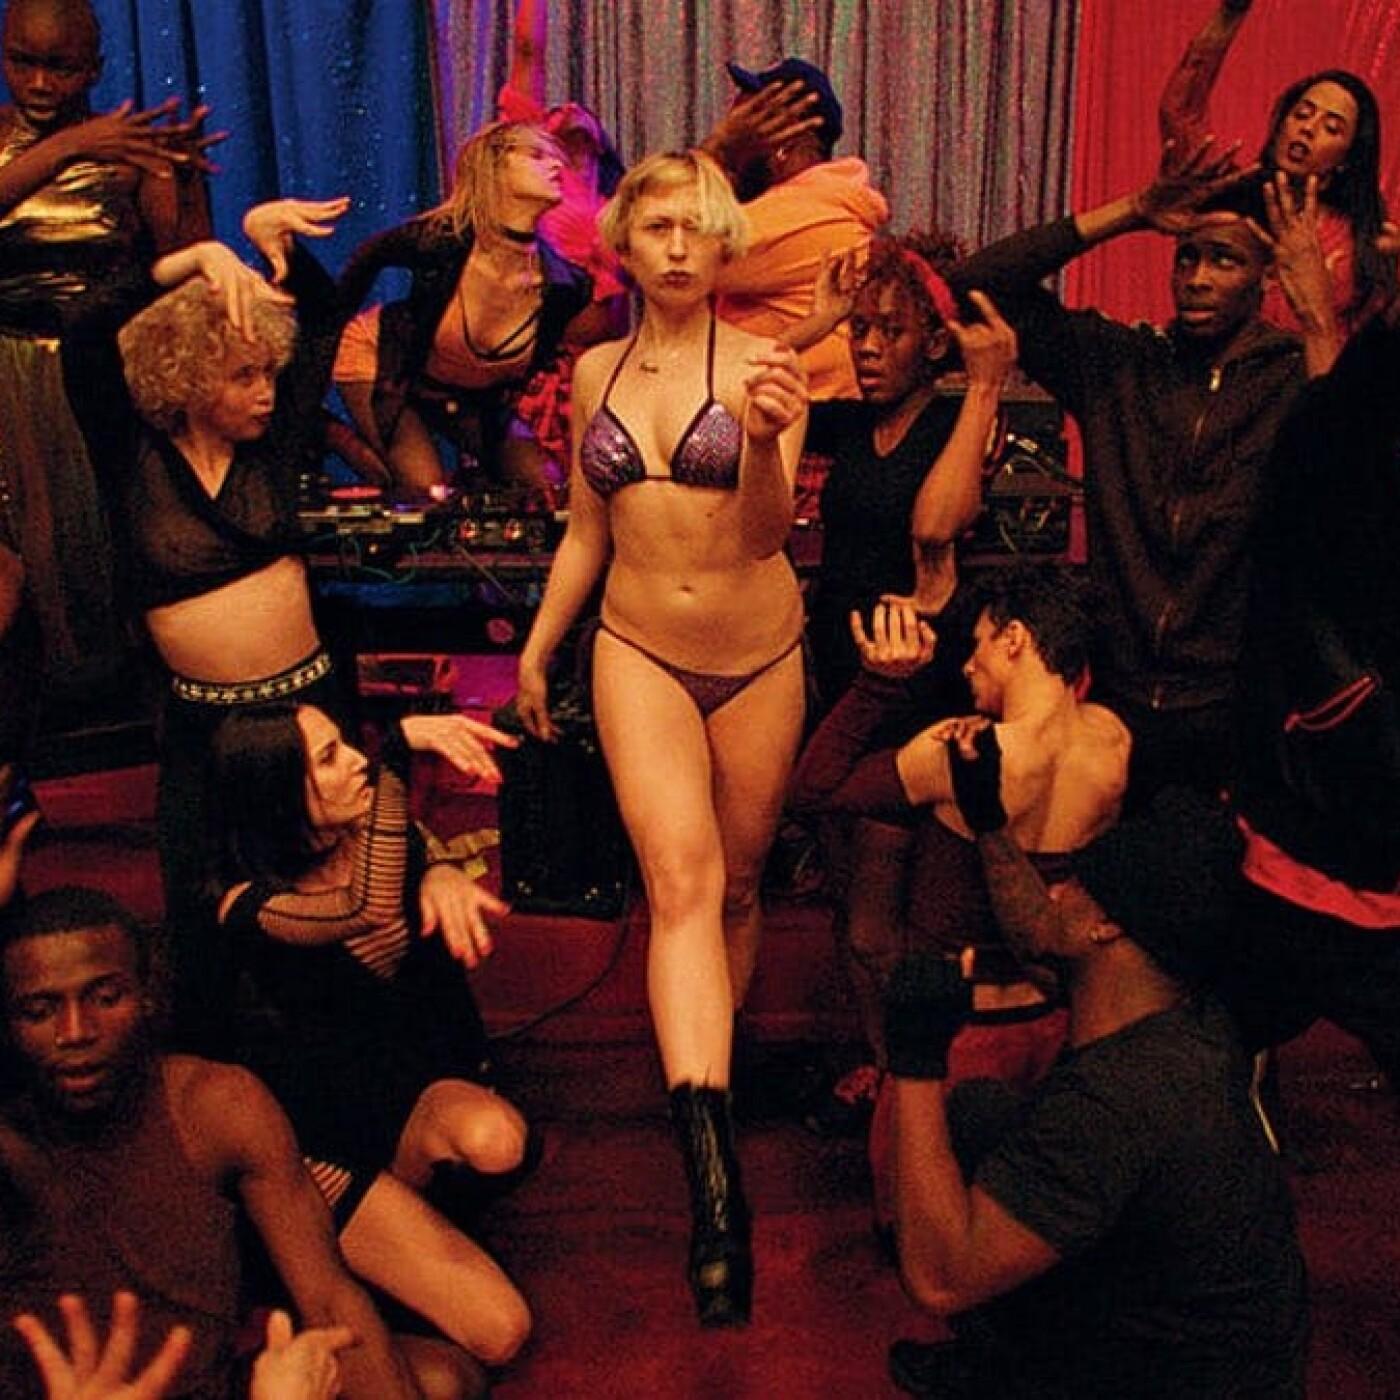 Humeur du jour, les gestes barriéres dans les clubs libertins - 12 05 21 - StereoChic Radio